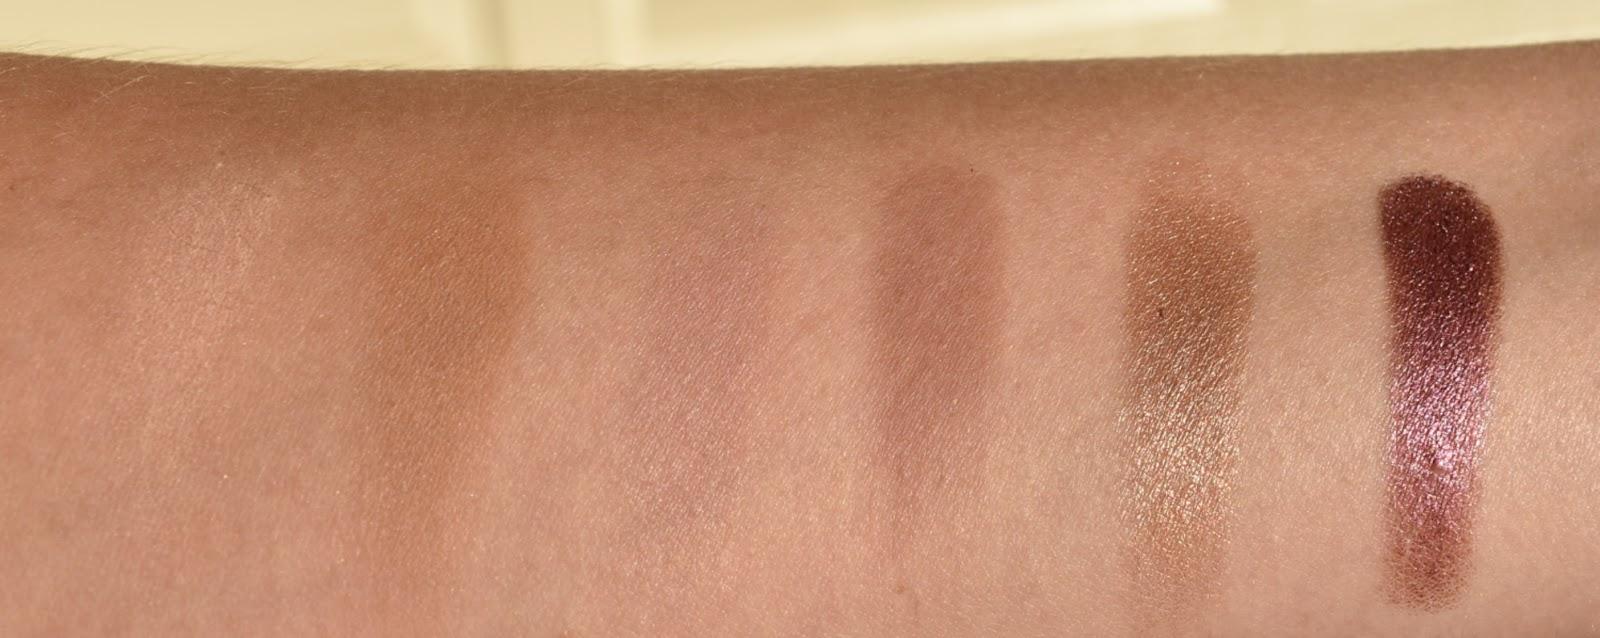 Single Shade Eyeshadow Bar by Buxom #21